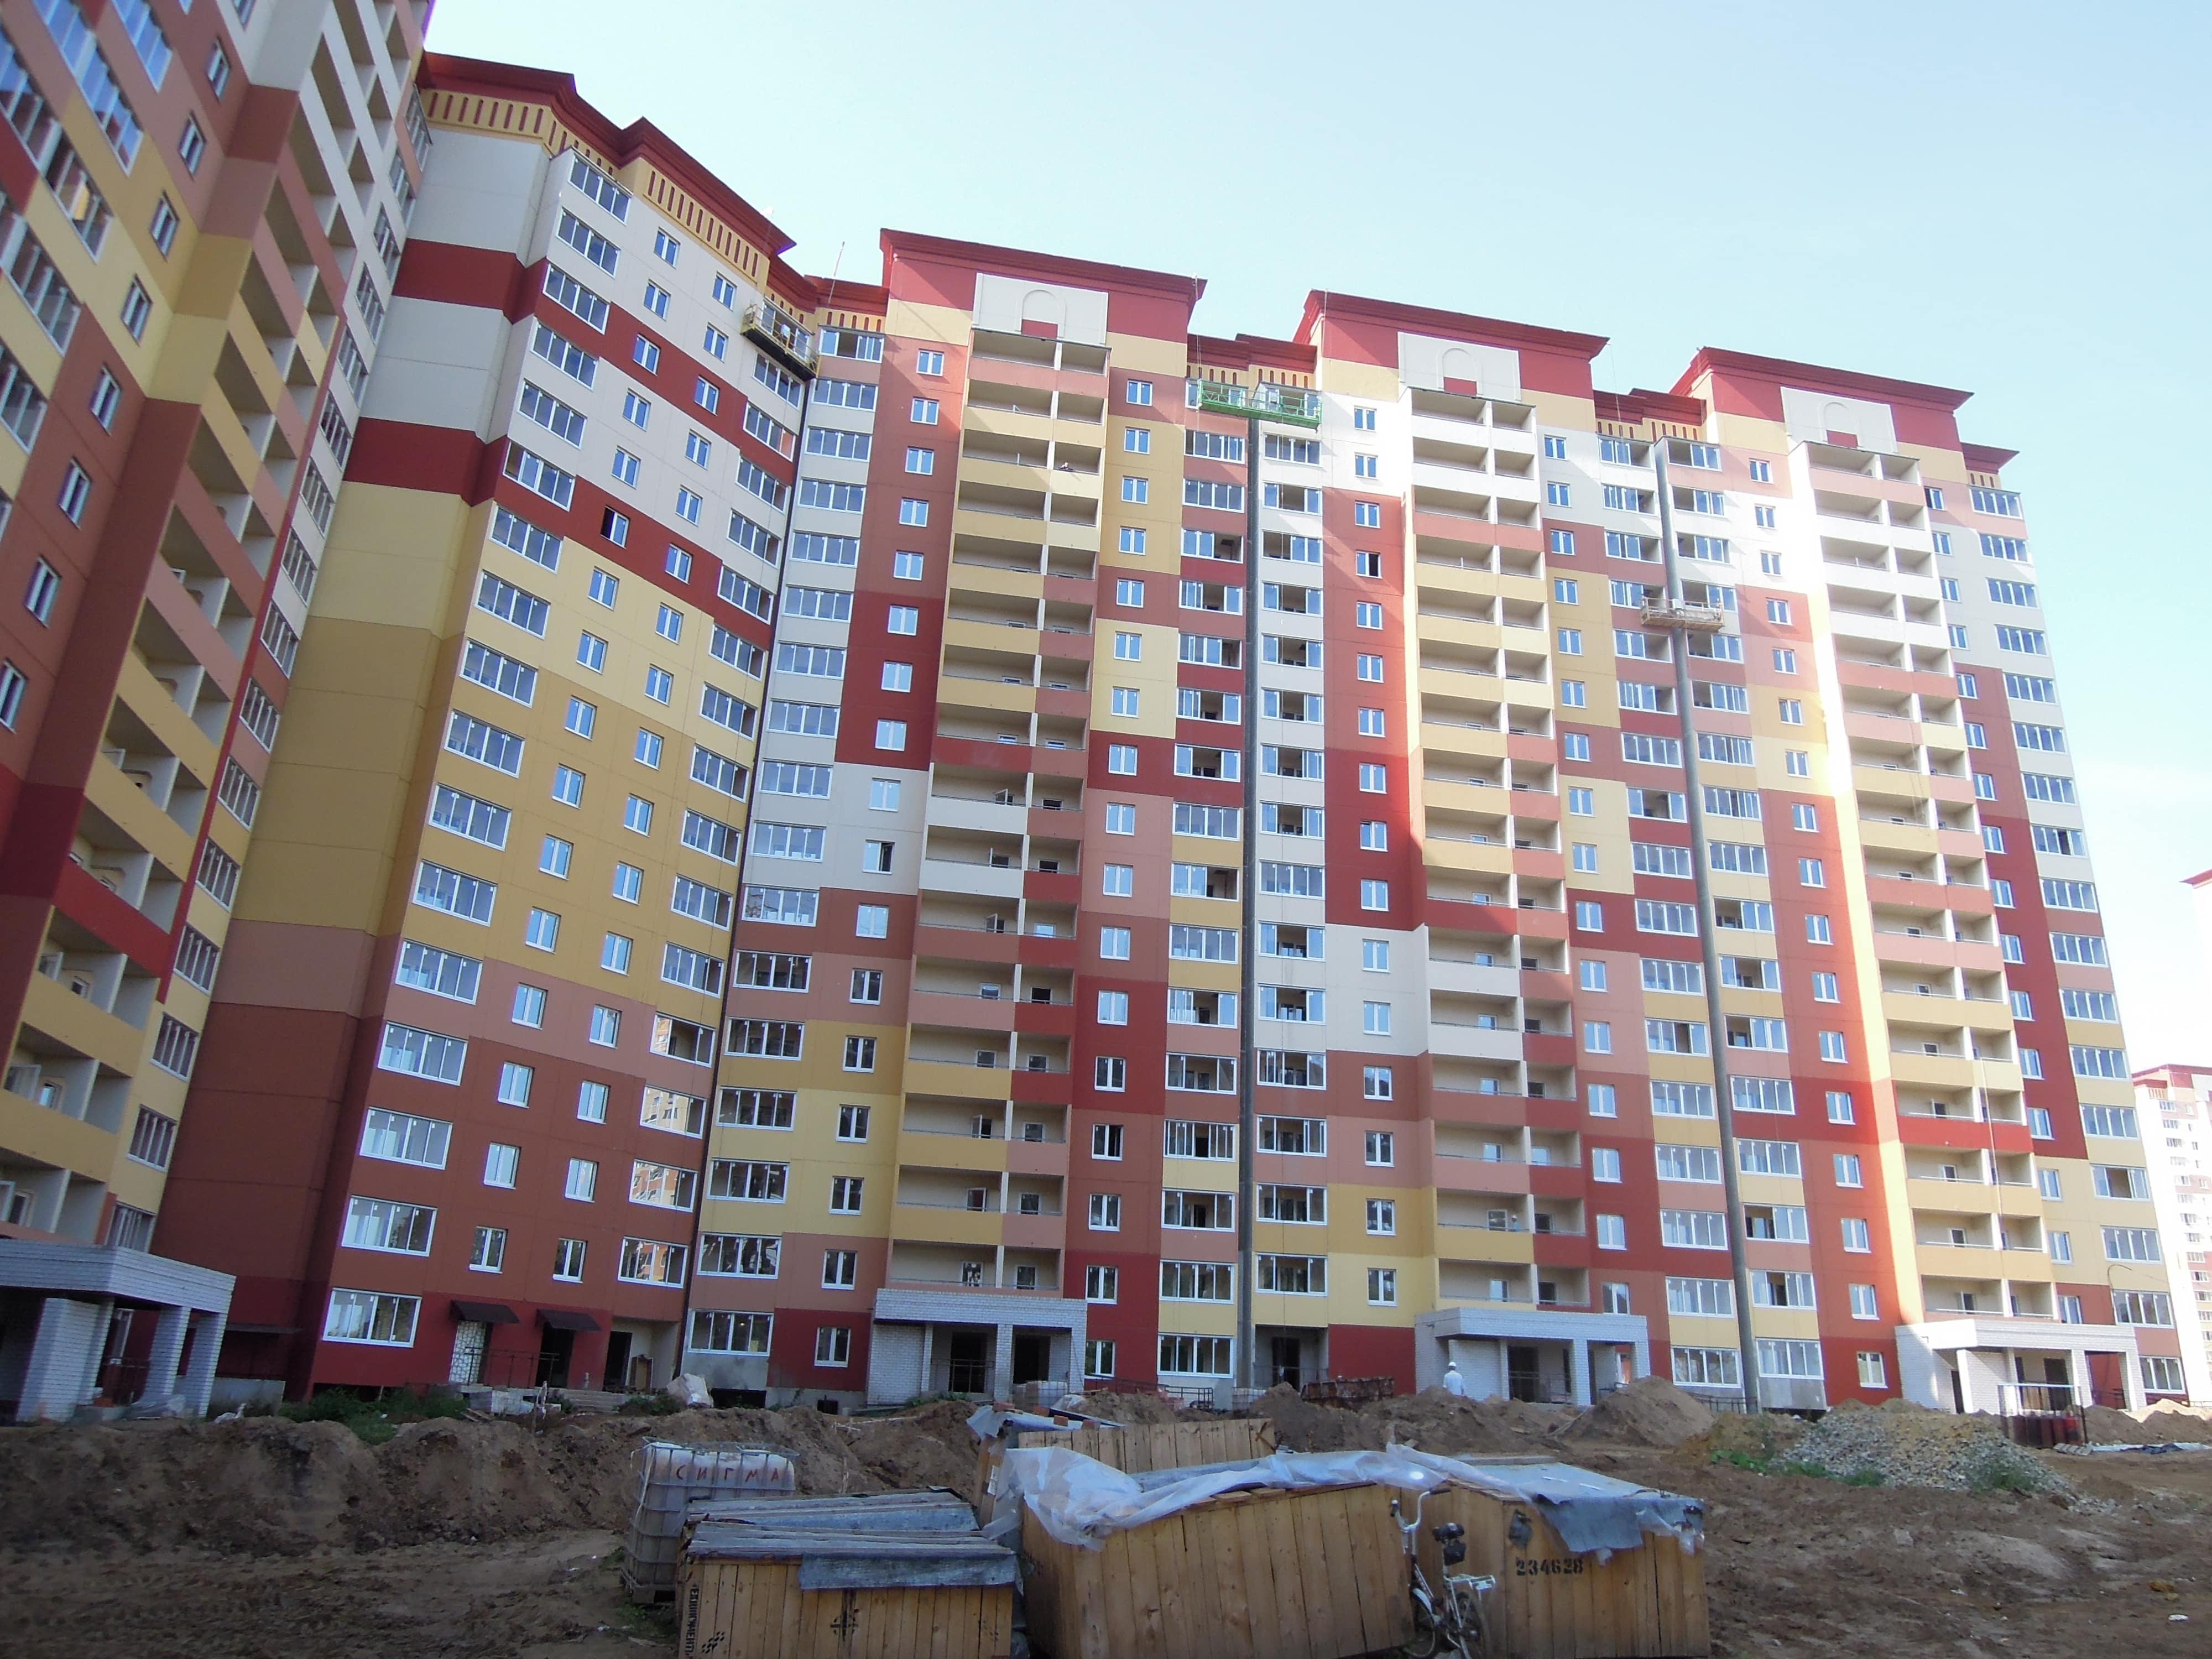 Хотите купить квартиру до 2500000 рублей в ближнем Подмосковье? С нами это реально!